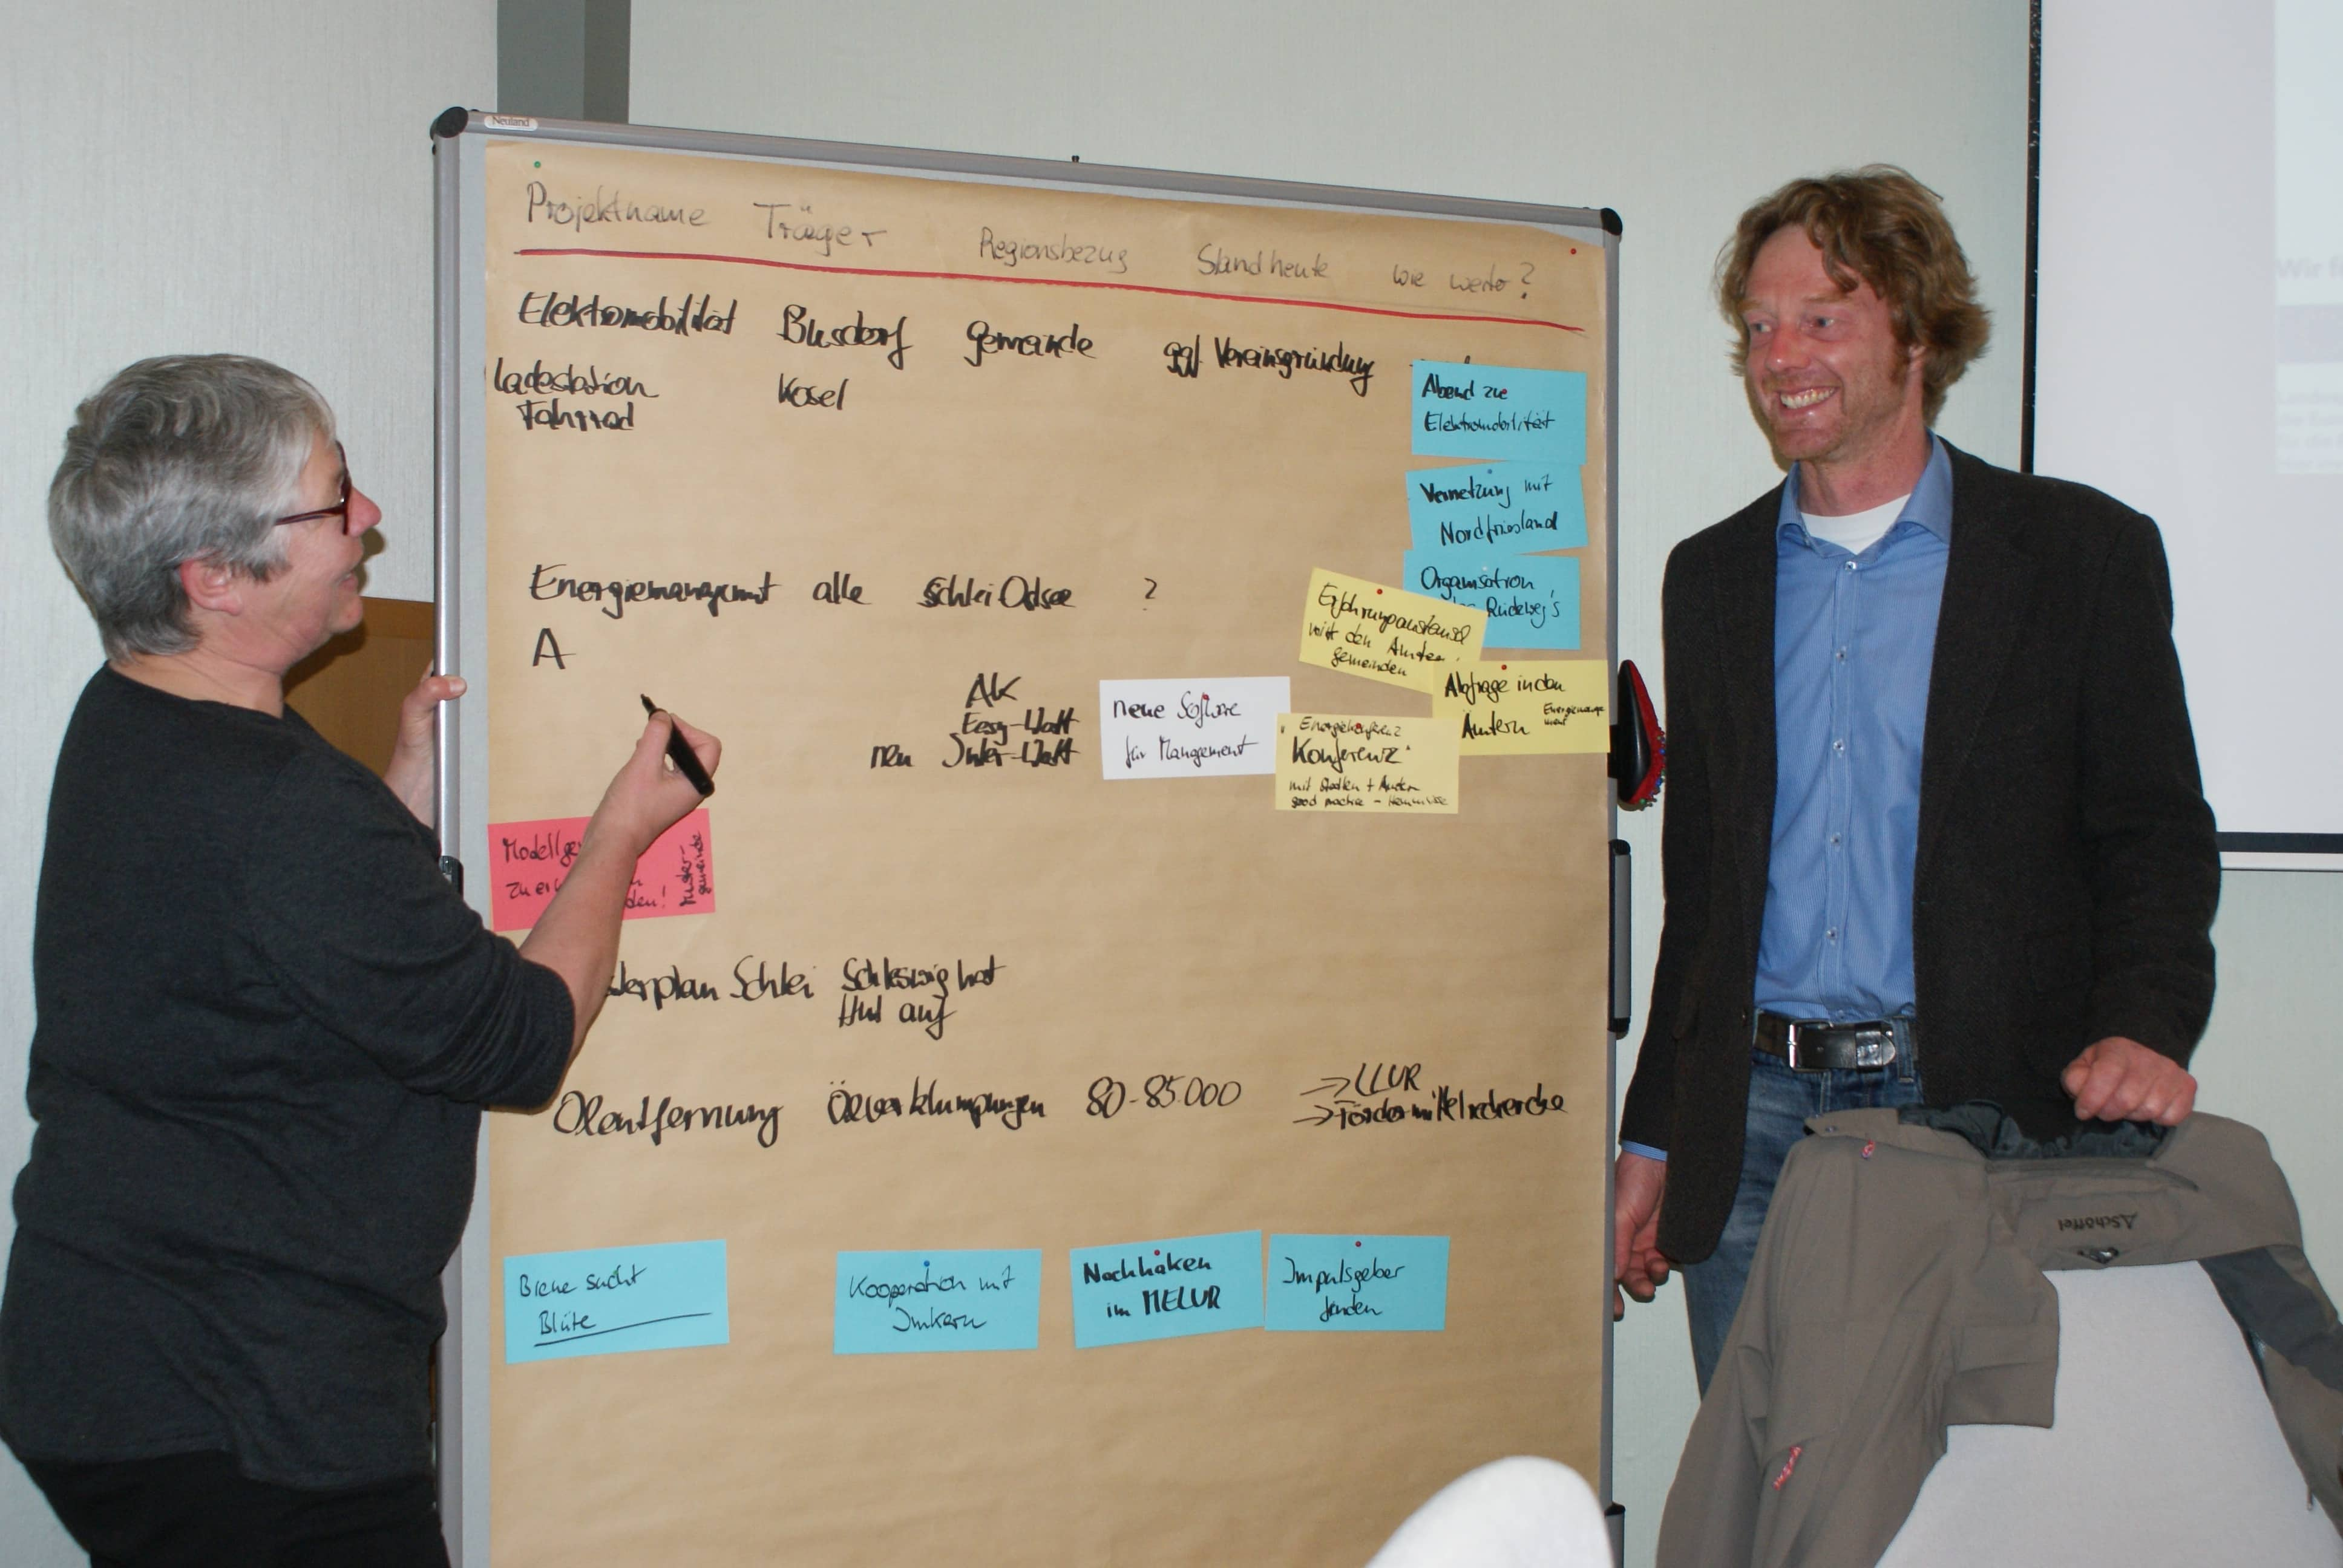 Besprechung der Ergebnisse aus dem Arbeitskreis Klimawandel und Energiewende